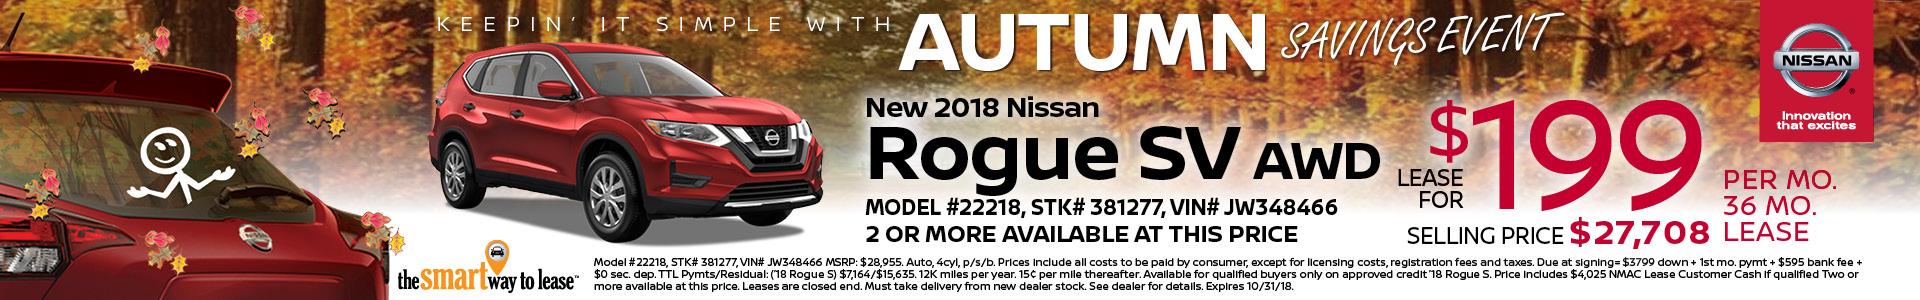 2018 Rogue